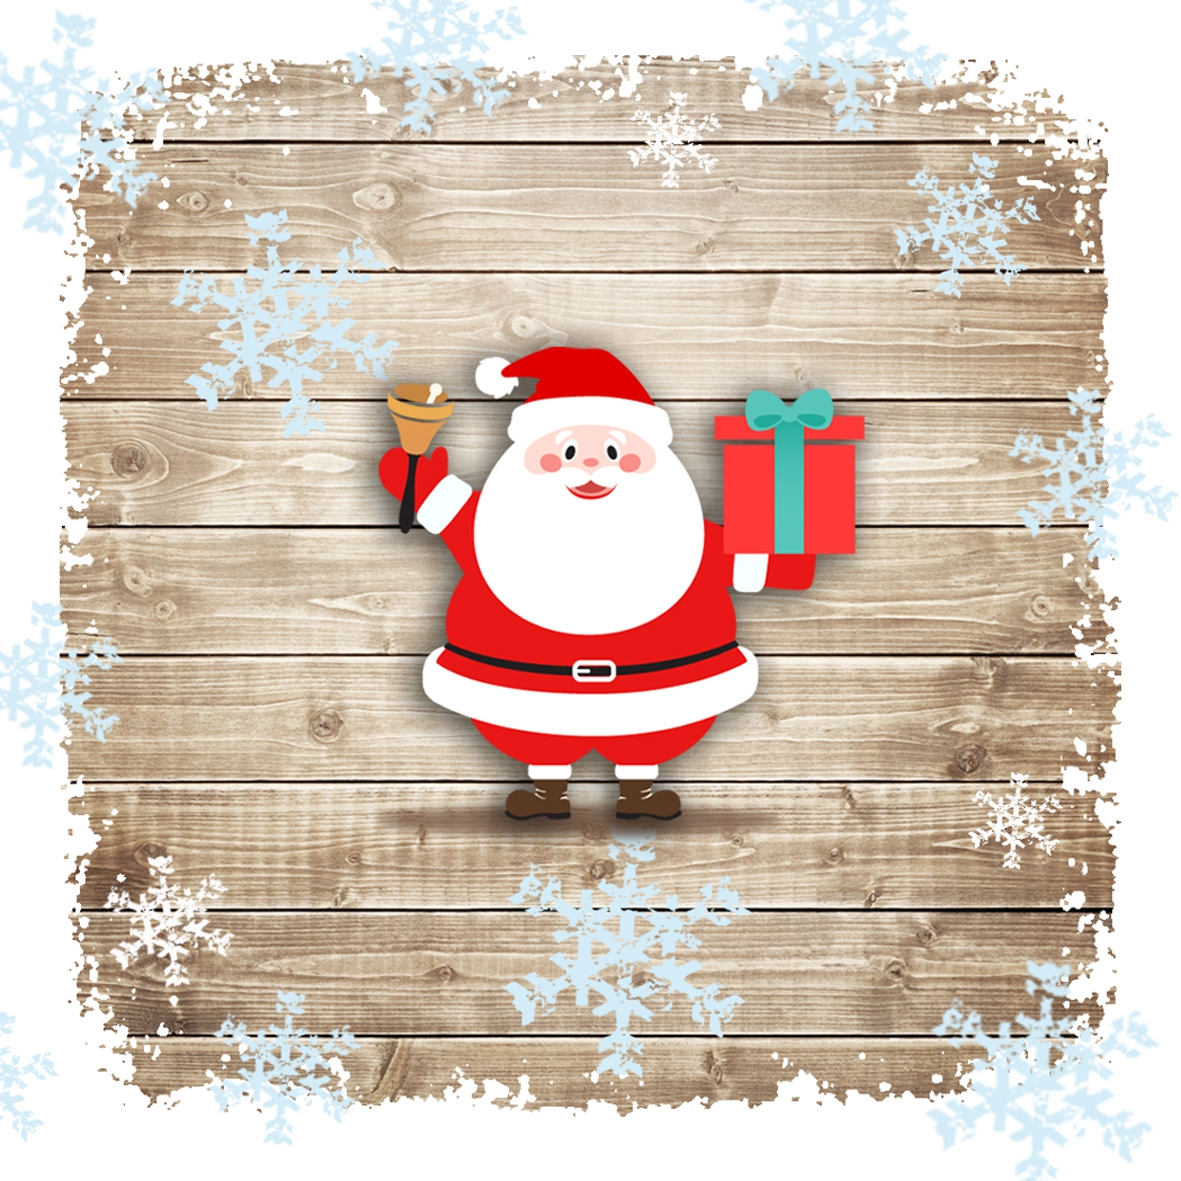 Lunch Servietten Santa Jingle Bell,  Weihnachten - Weihnachtsmann,  Weihnachten,  lunchservietten,  Weihnachtsmann